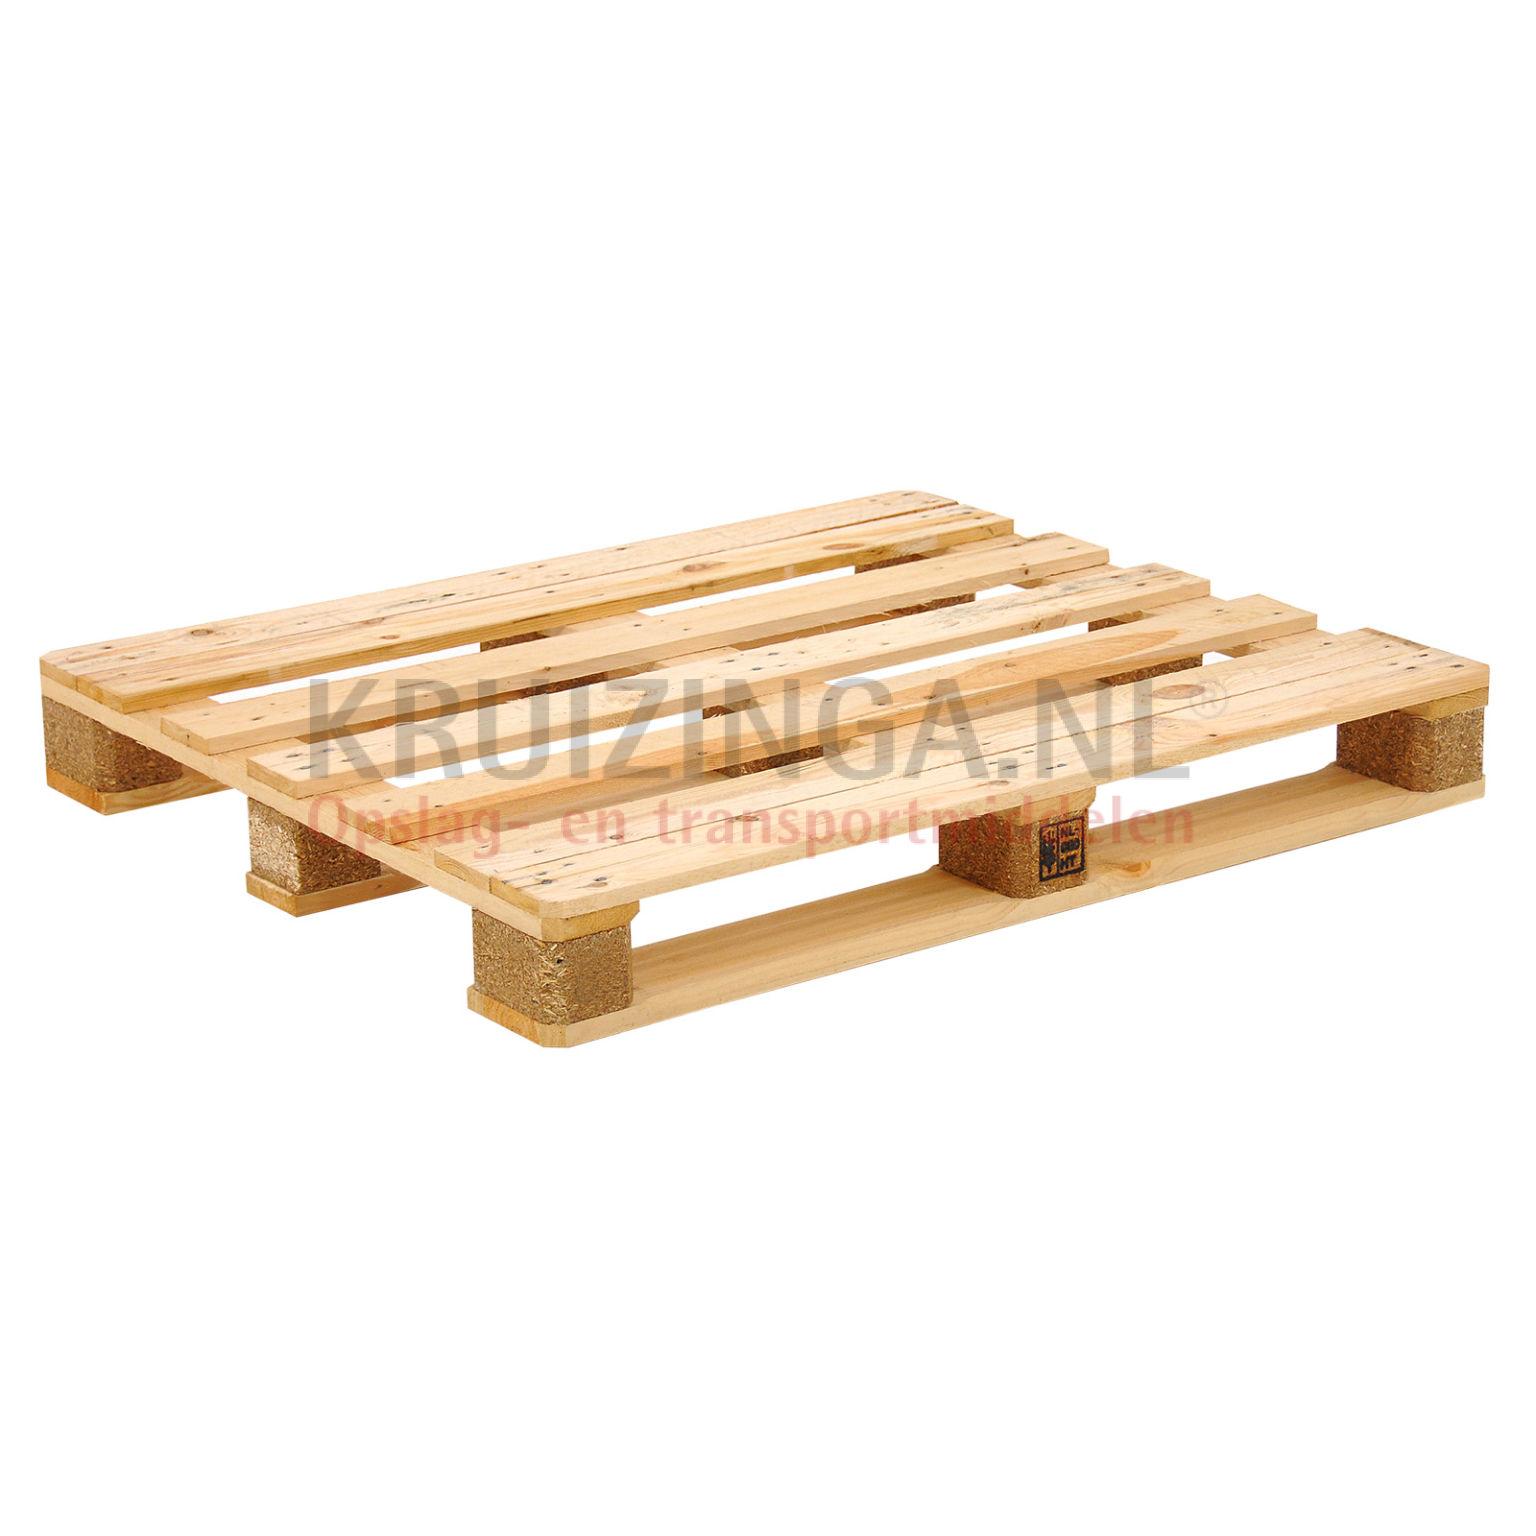 palette palette en bois 4 c t s partir de 20 35 frais de livraison inclus. Black Bedroom Furniture Sets. Home Design Ideas